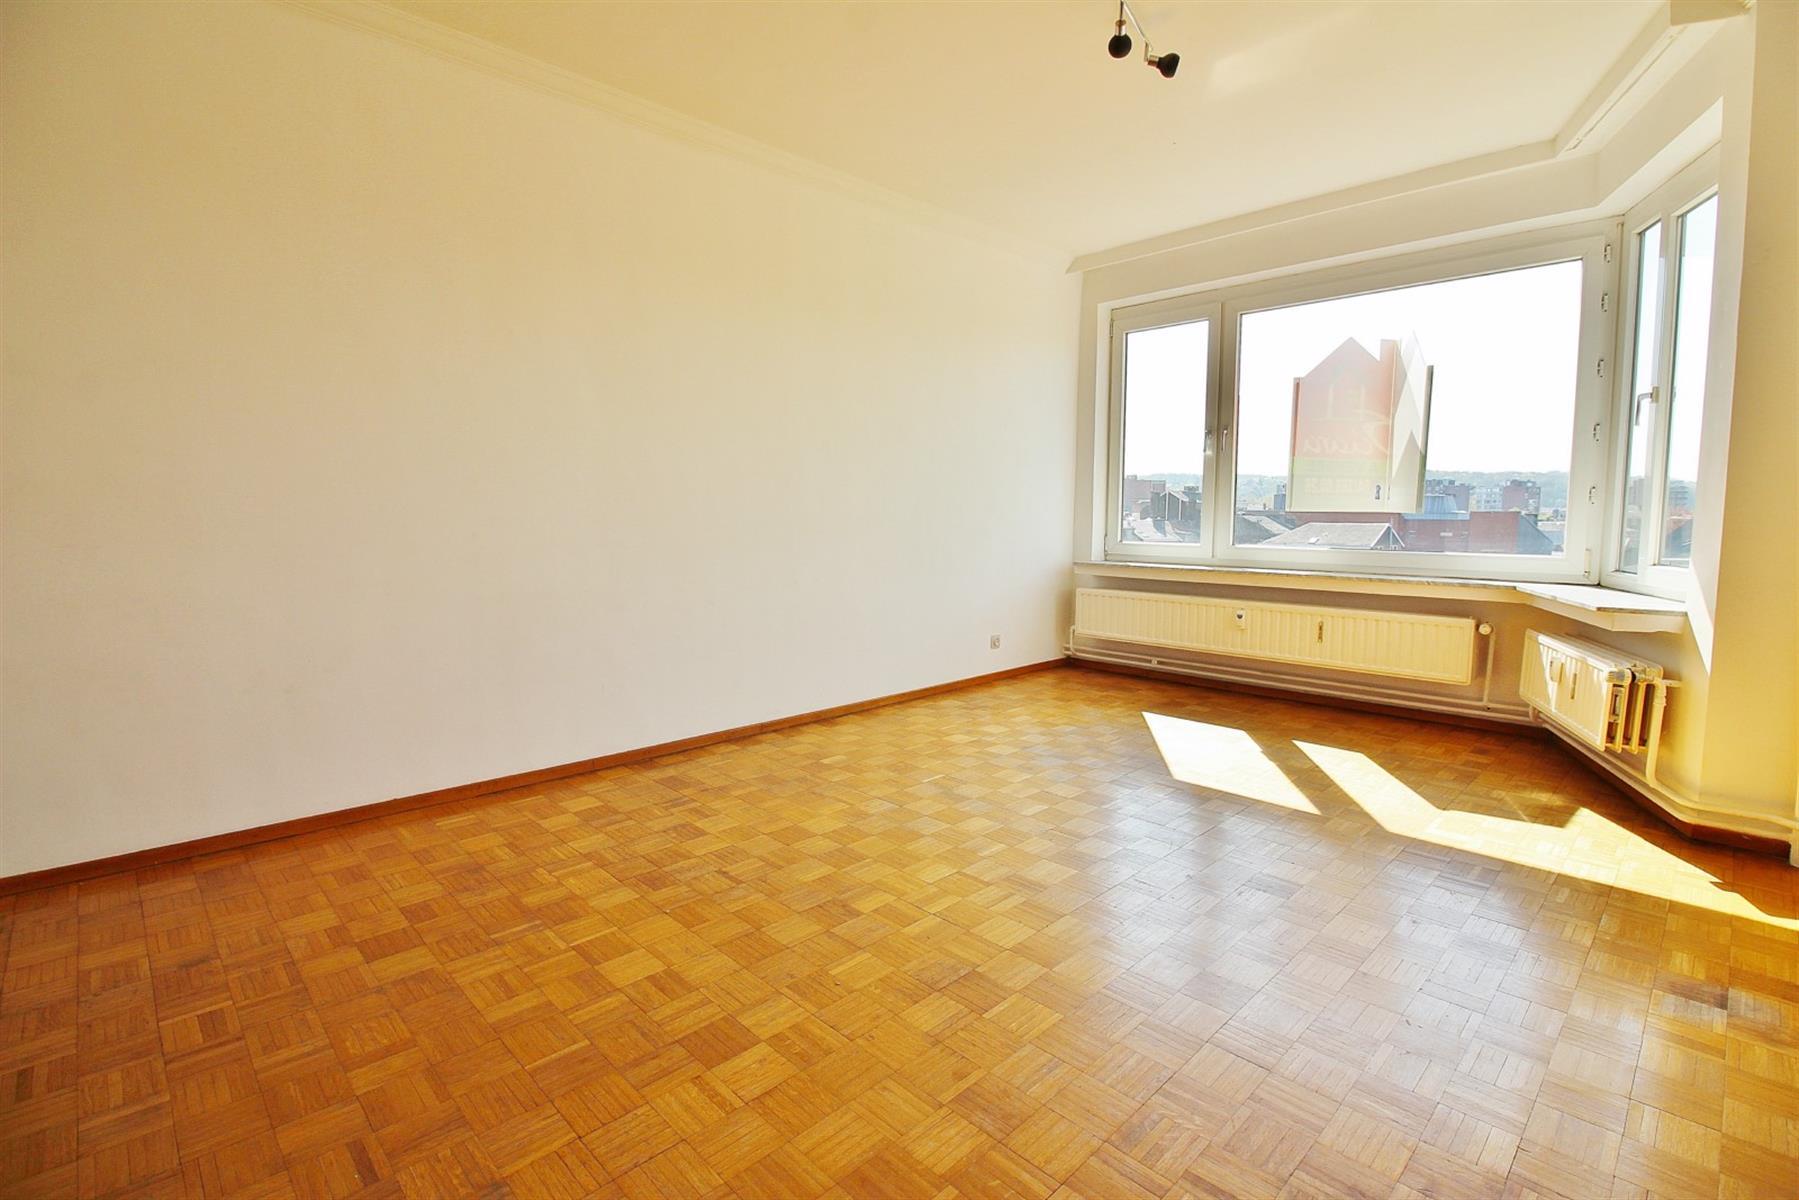 Appartement - Liege - #4348061-6